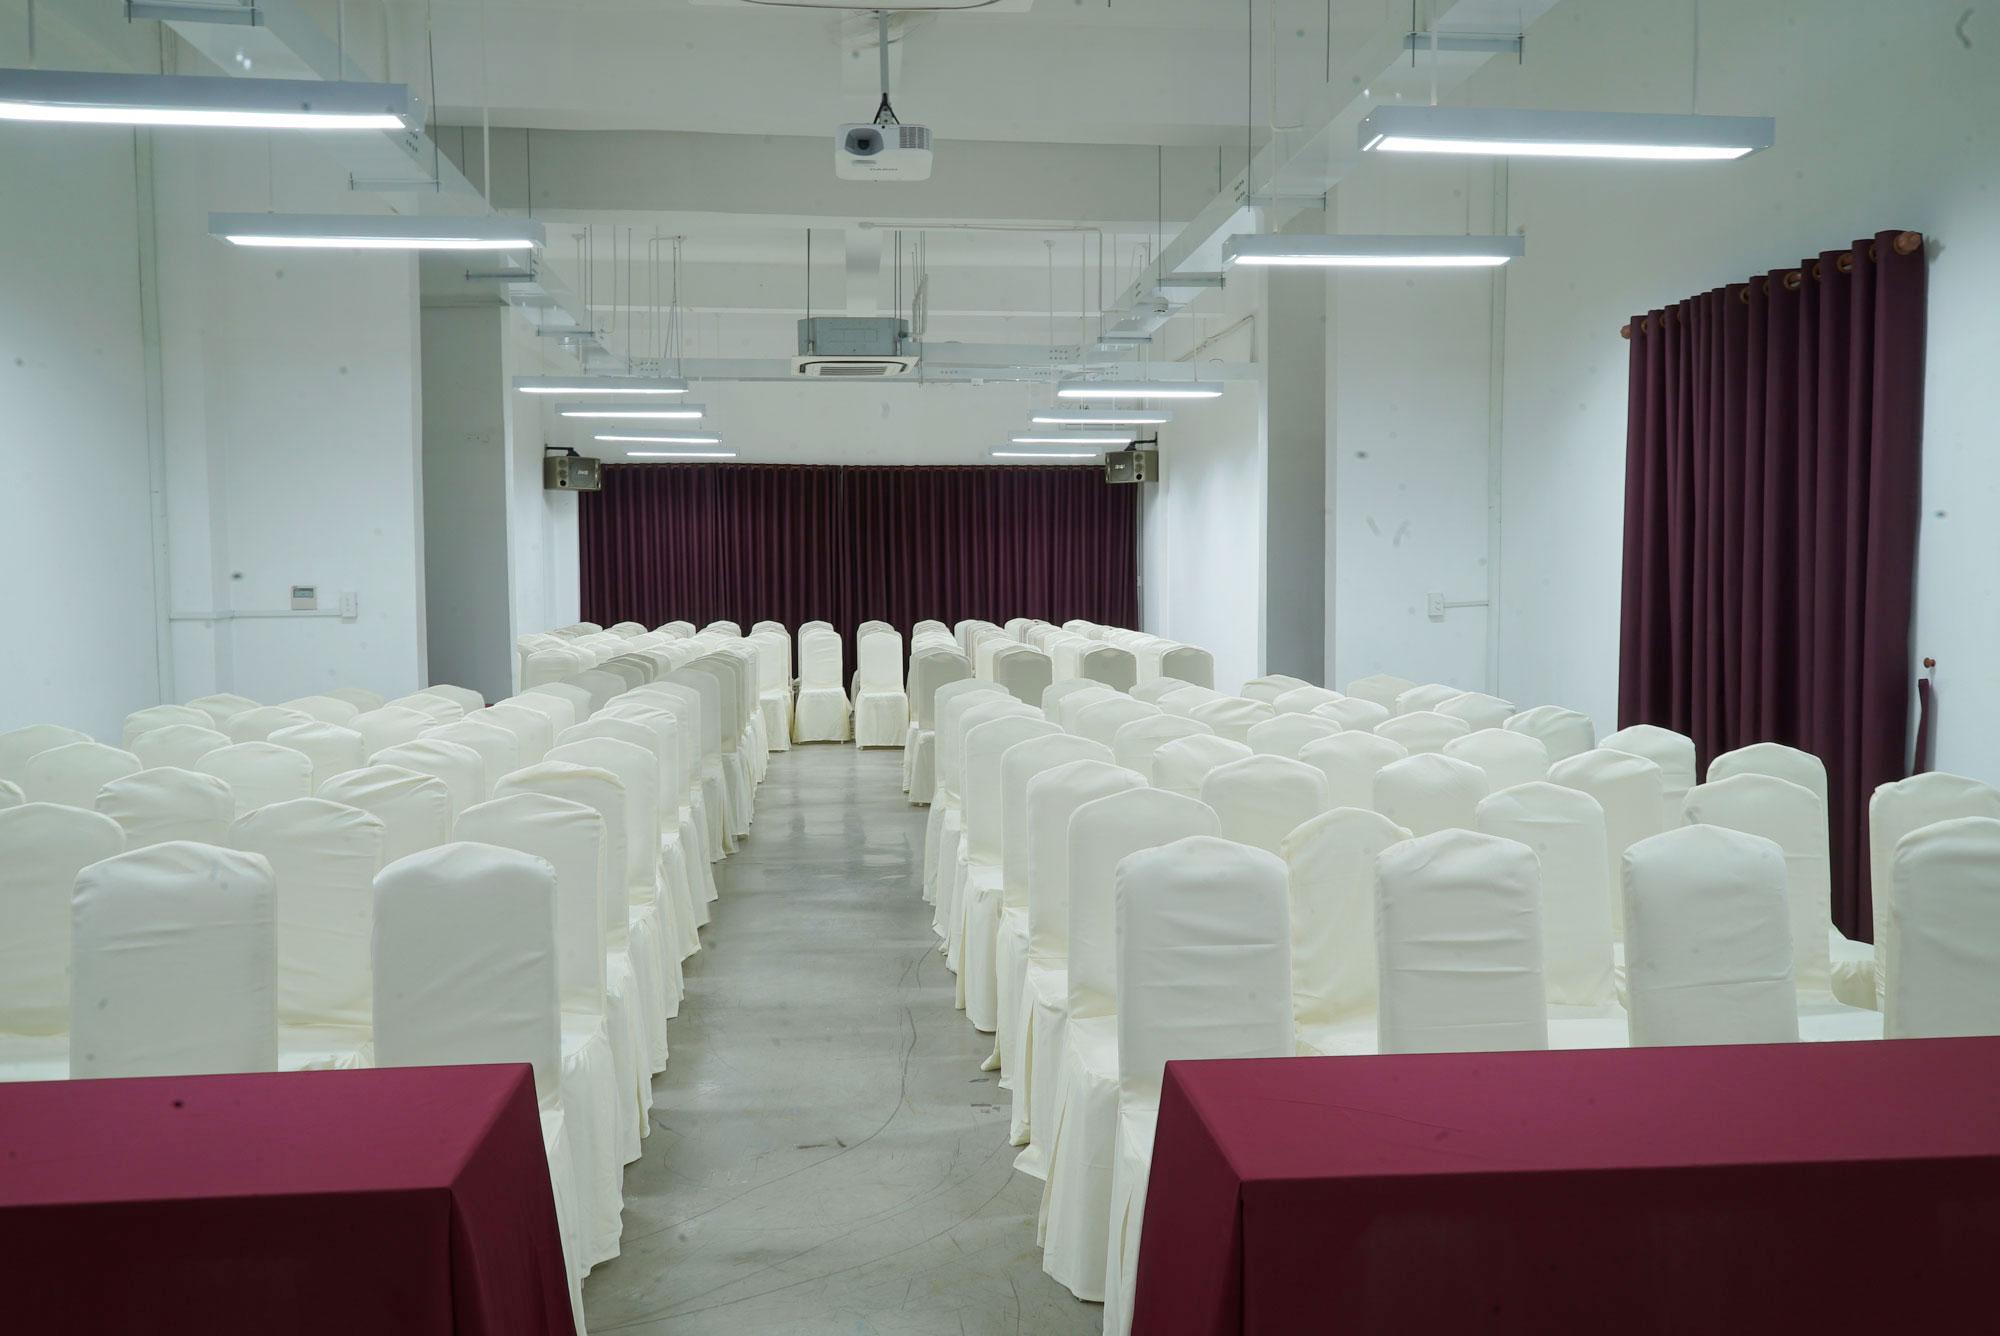 Cho thuê phòng đào tạo tại TP HCM